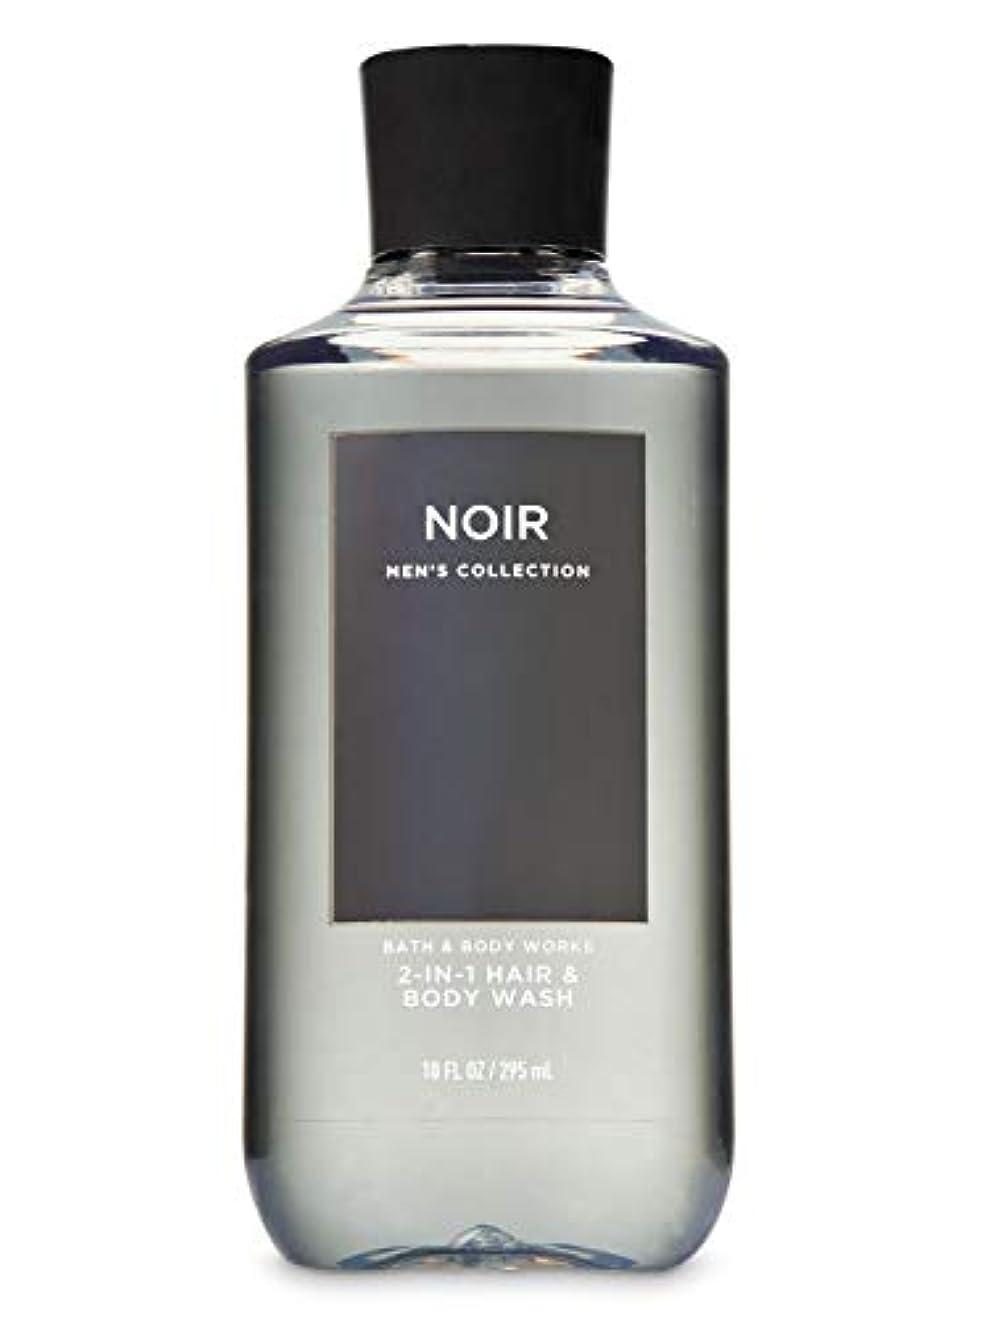 寝室を掃除する添加剤平衡【並行輸入品】Bath & Body Works Noir 2-in-1 Hair + Body Wash 295 mL